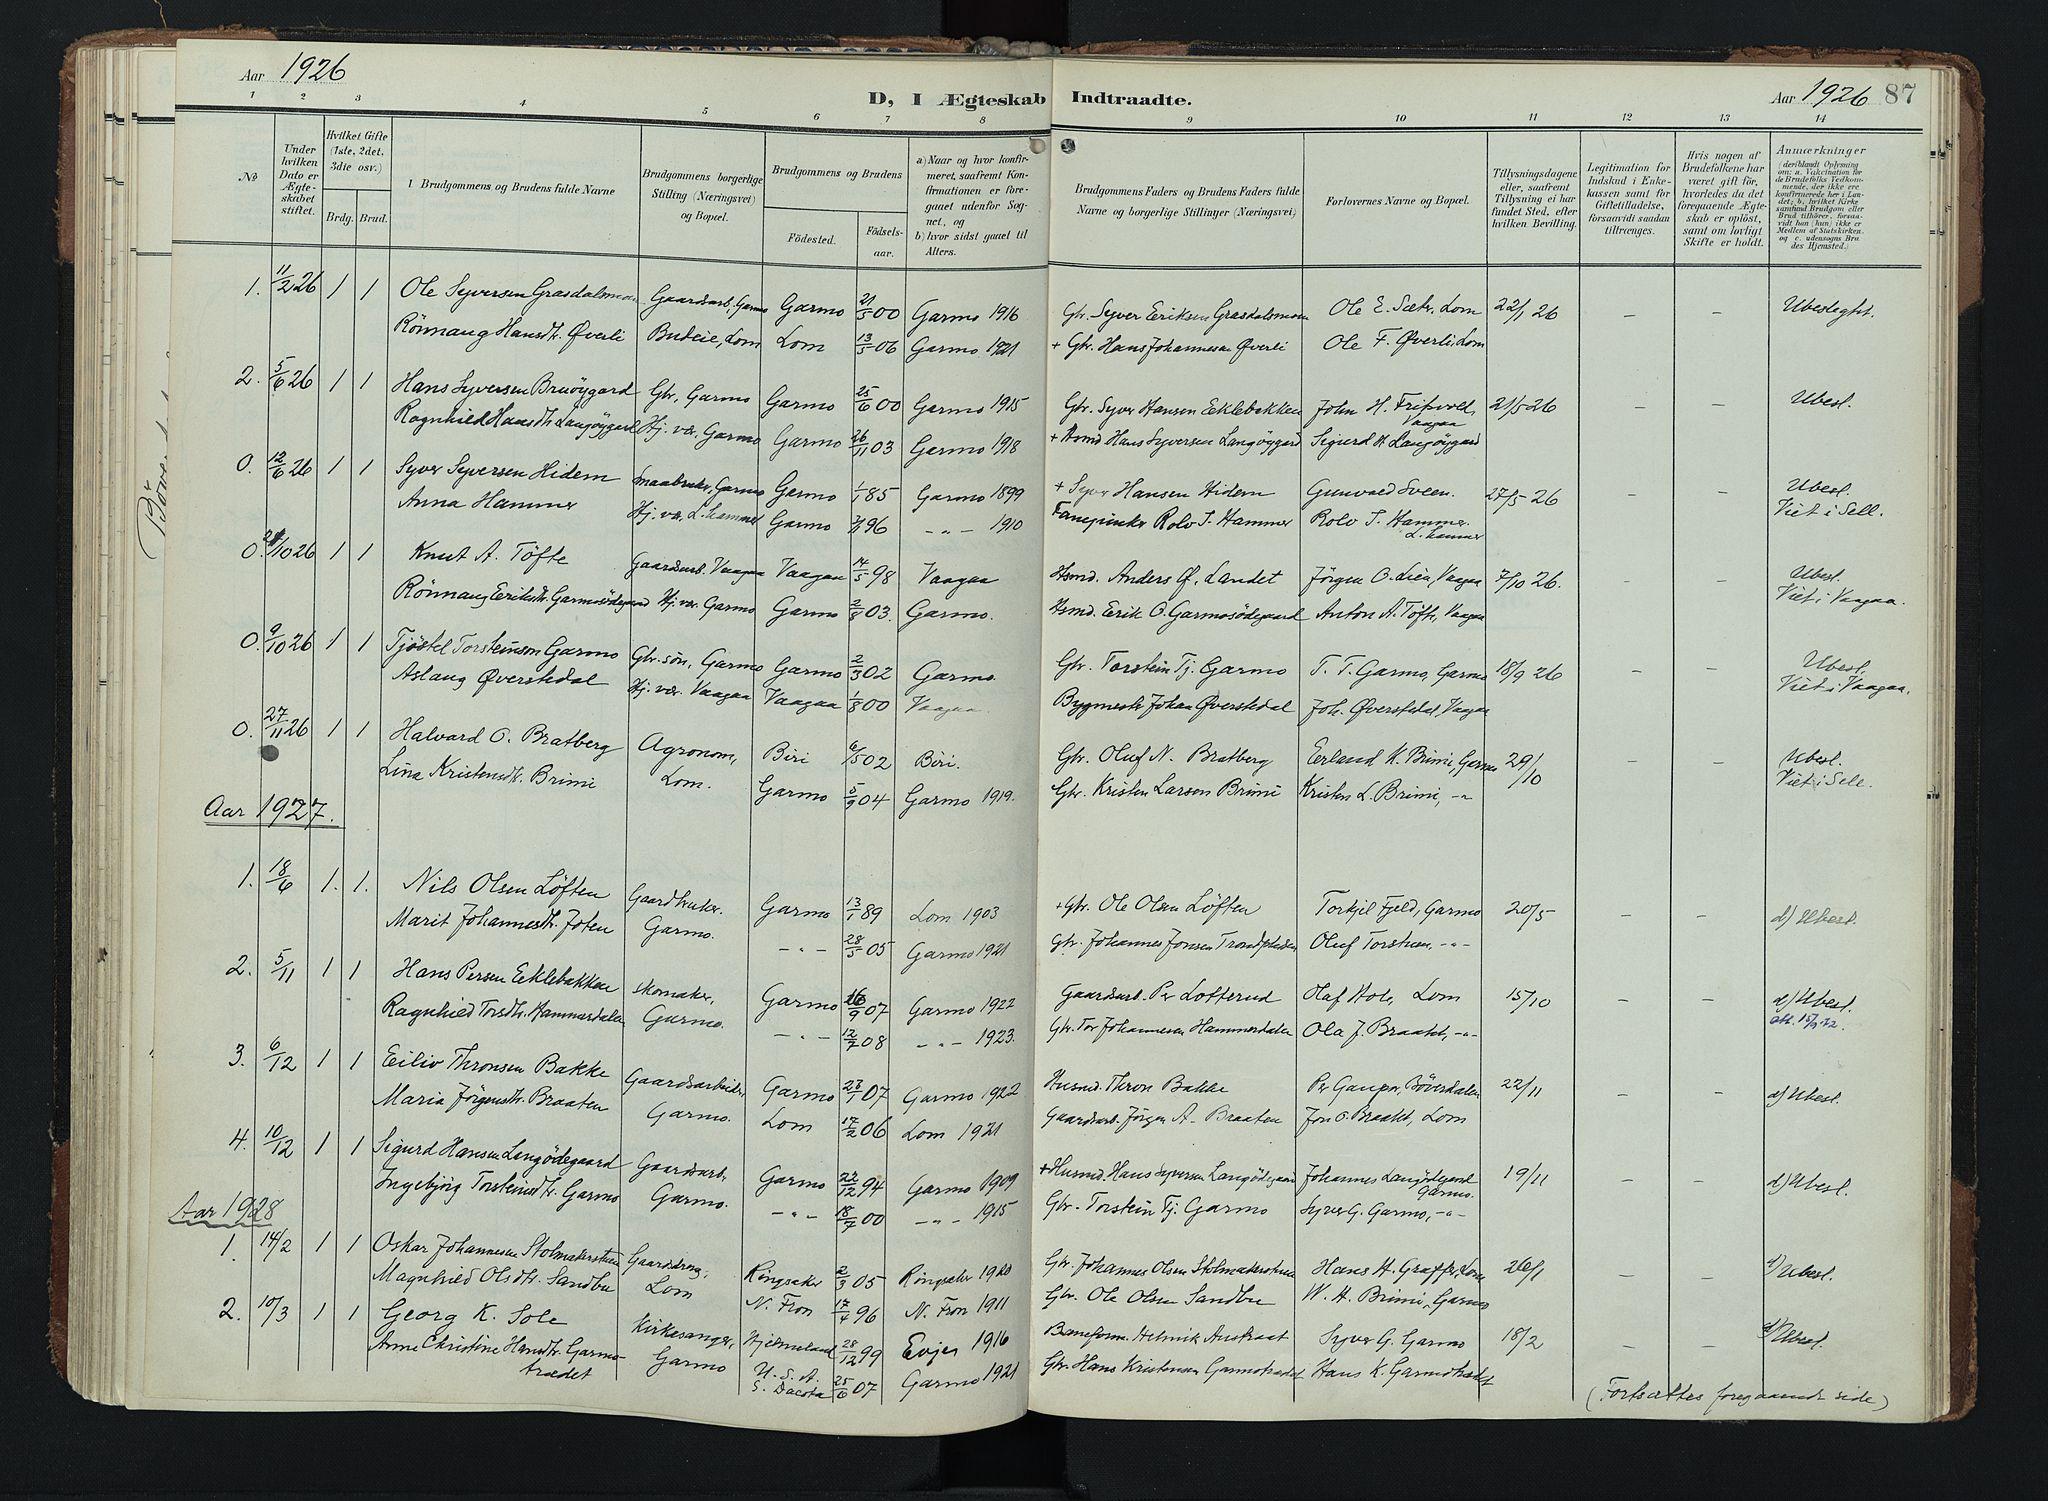 SAH, Lom prestekontor, K/L0011: Ministerialbok nr. 11, 1904-1928, s. 87